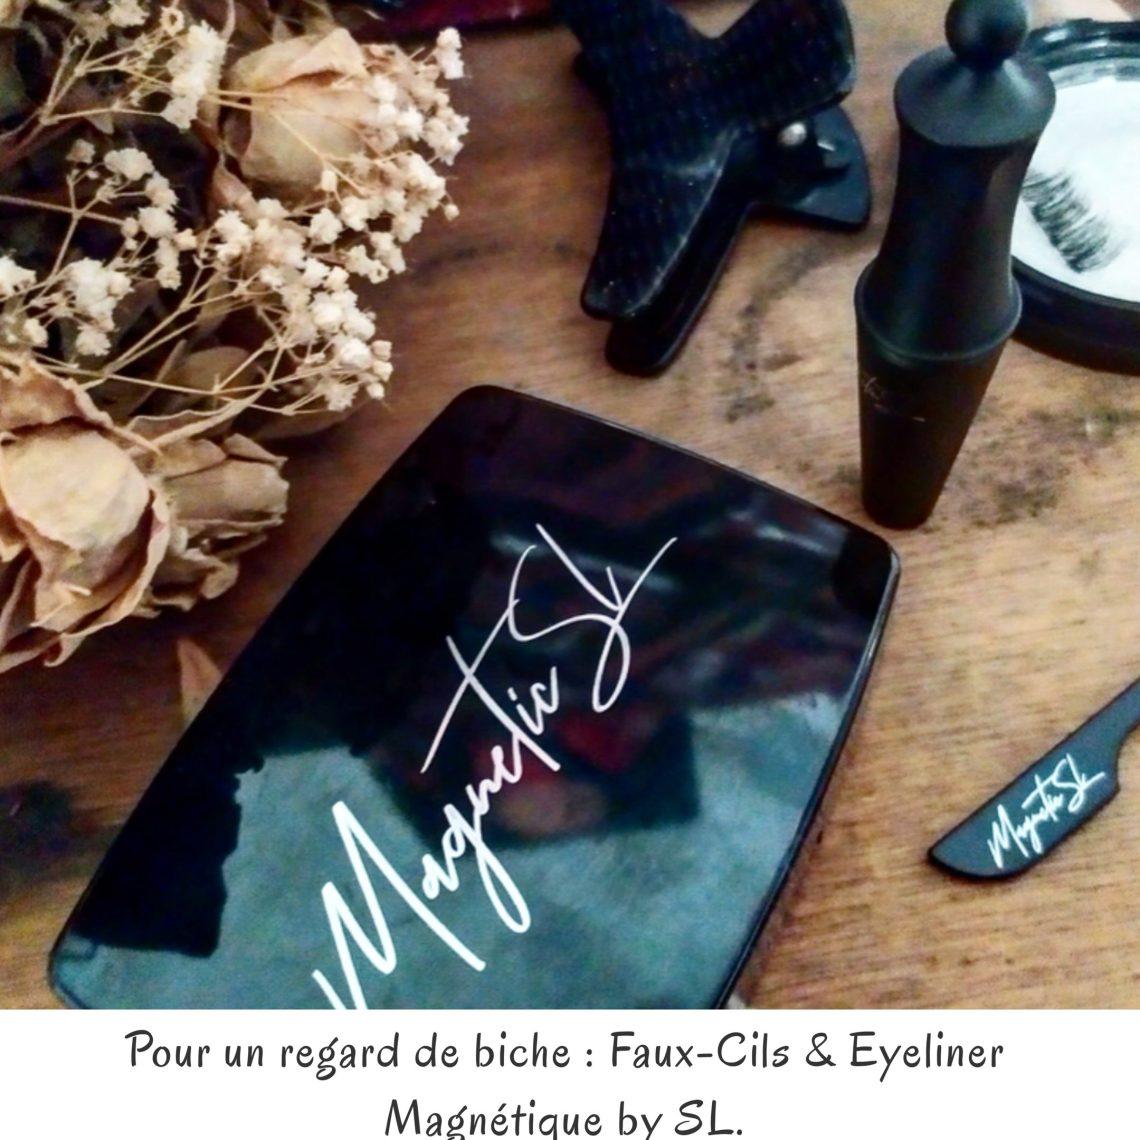 Pour un regard de biche : Faux-Cils & Eyeliner Magnétique by SL.